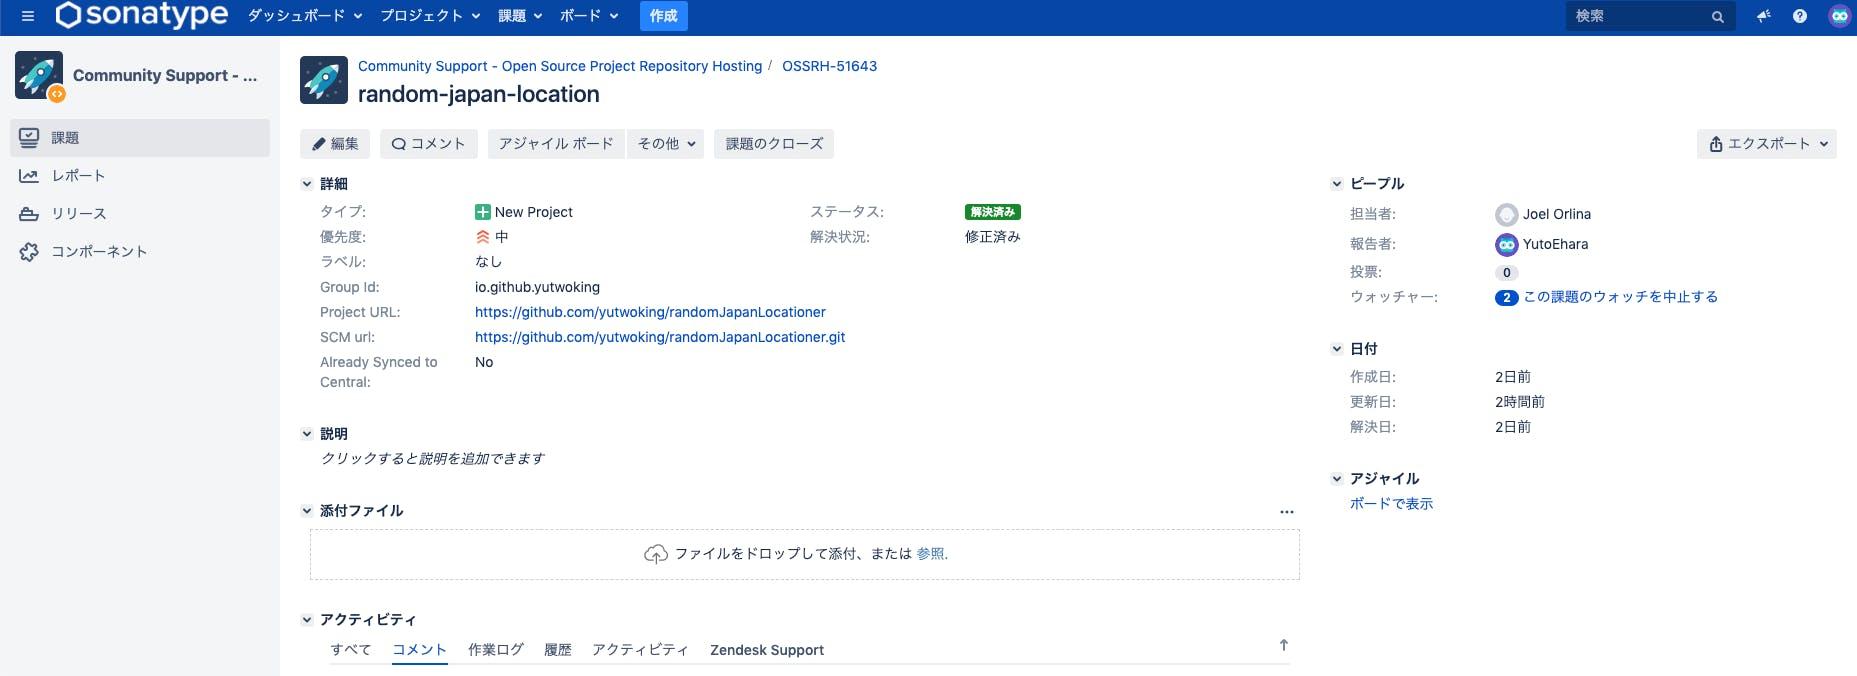 スクリーンショット 2019-09-19 10.52.53.png